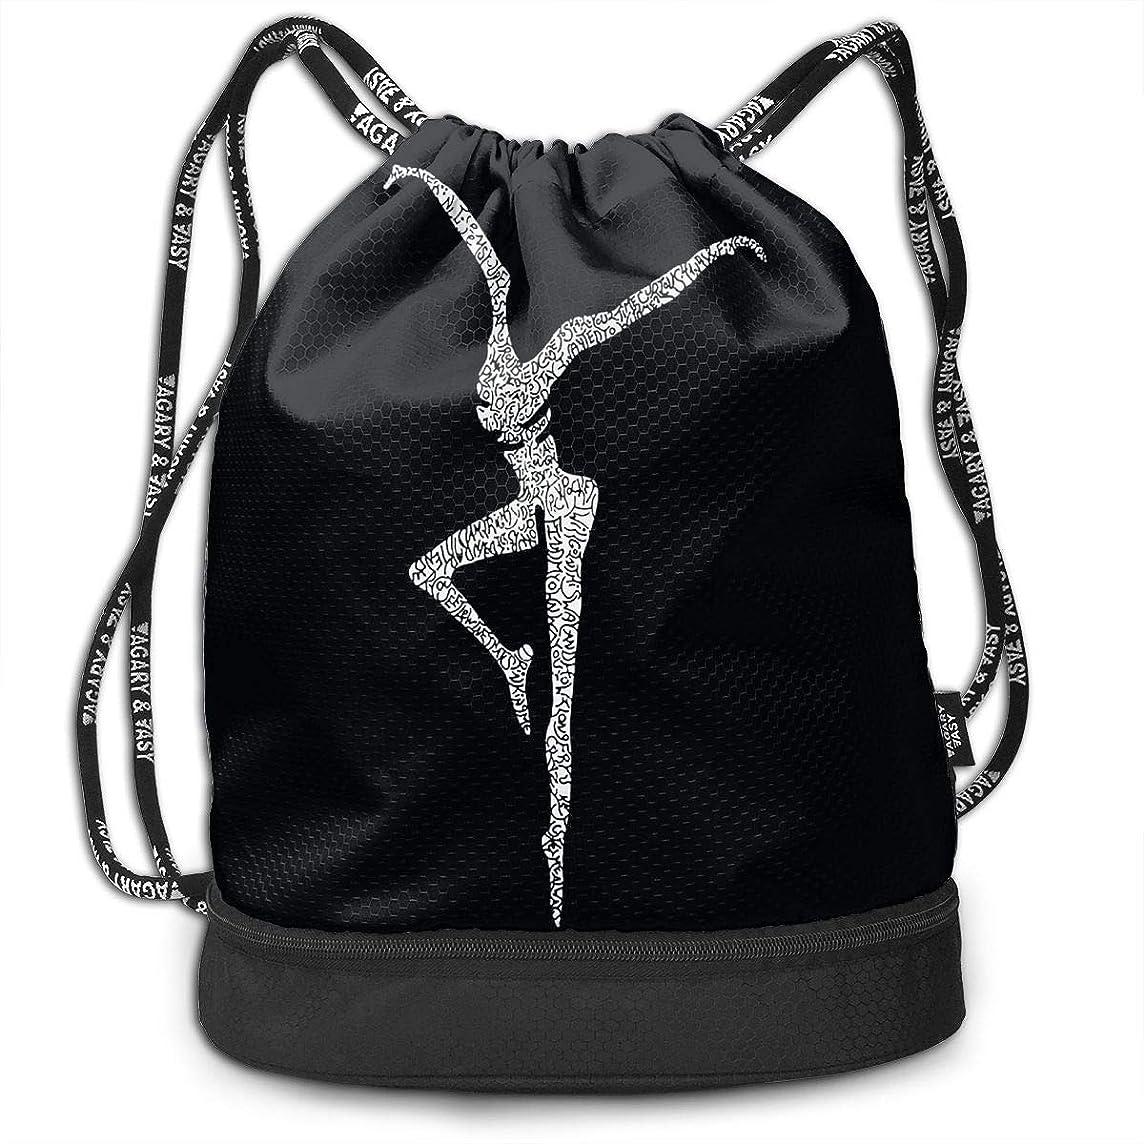 Men Women Gym Drawstring Backpacks Shoulder Bags Sport Sack Backpack For Sport Yoga Trip, Dave Matthews Band